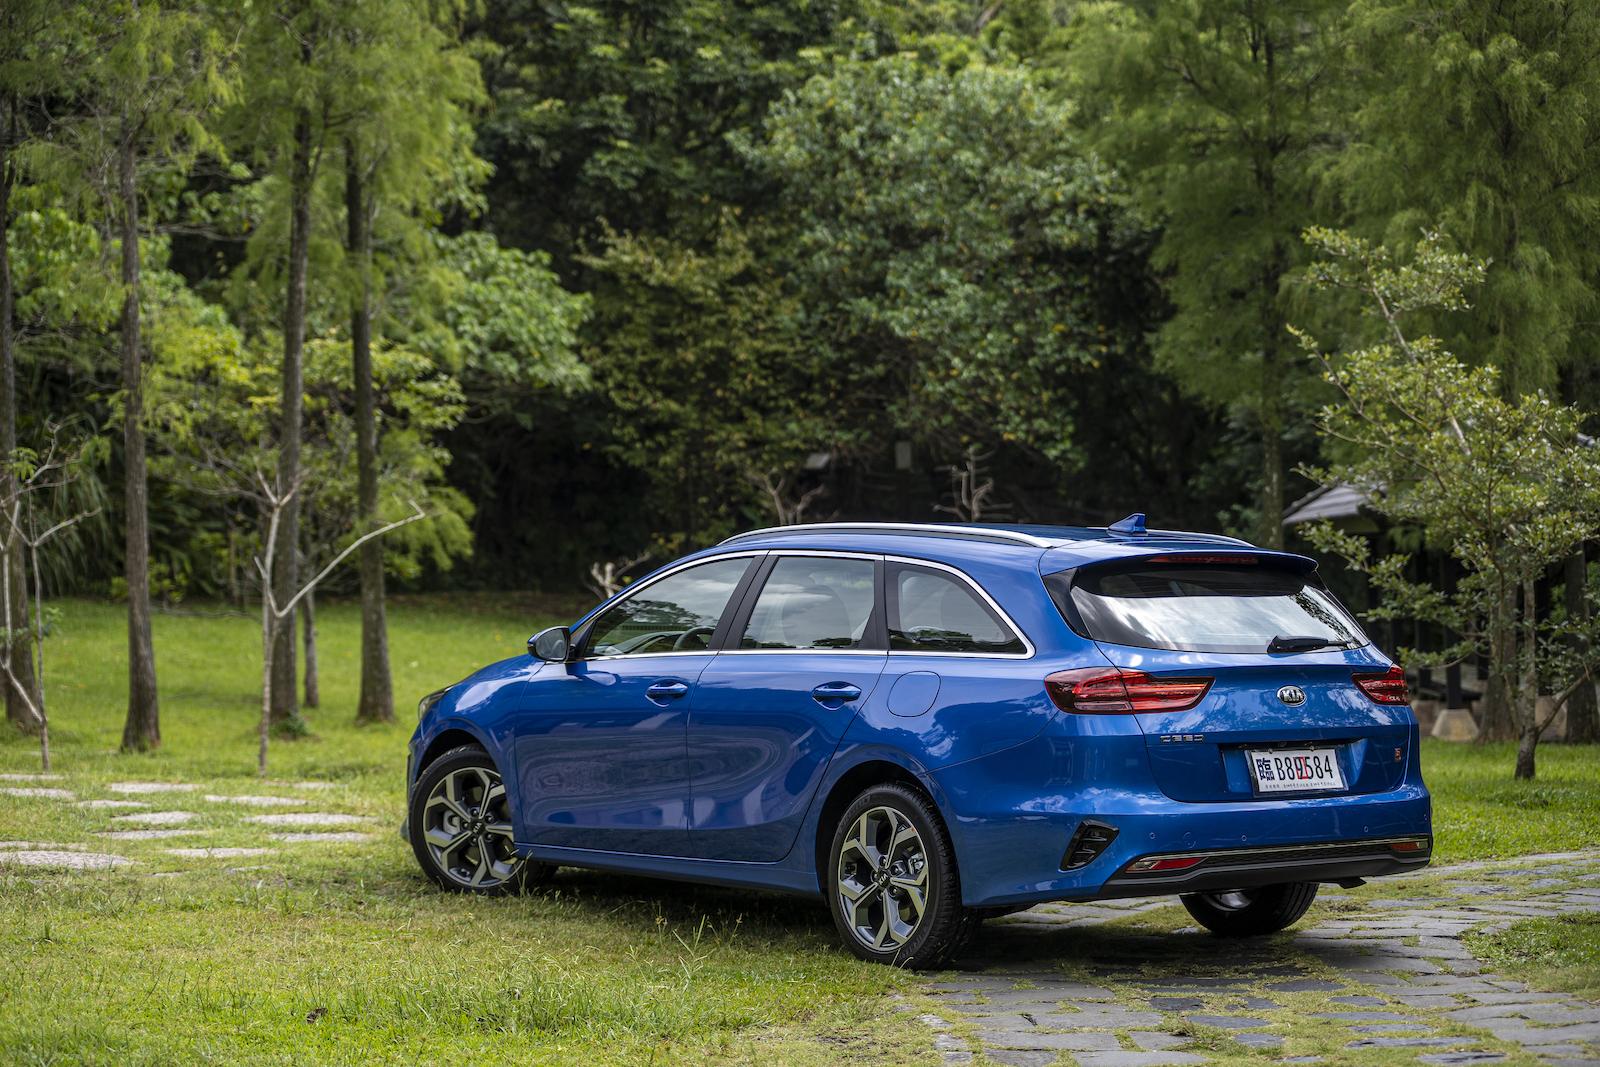 試駕車型為 Kia Ceed Sportswagon ,正式售價為新台幣 109.8萬元。